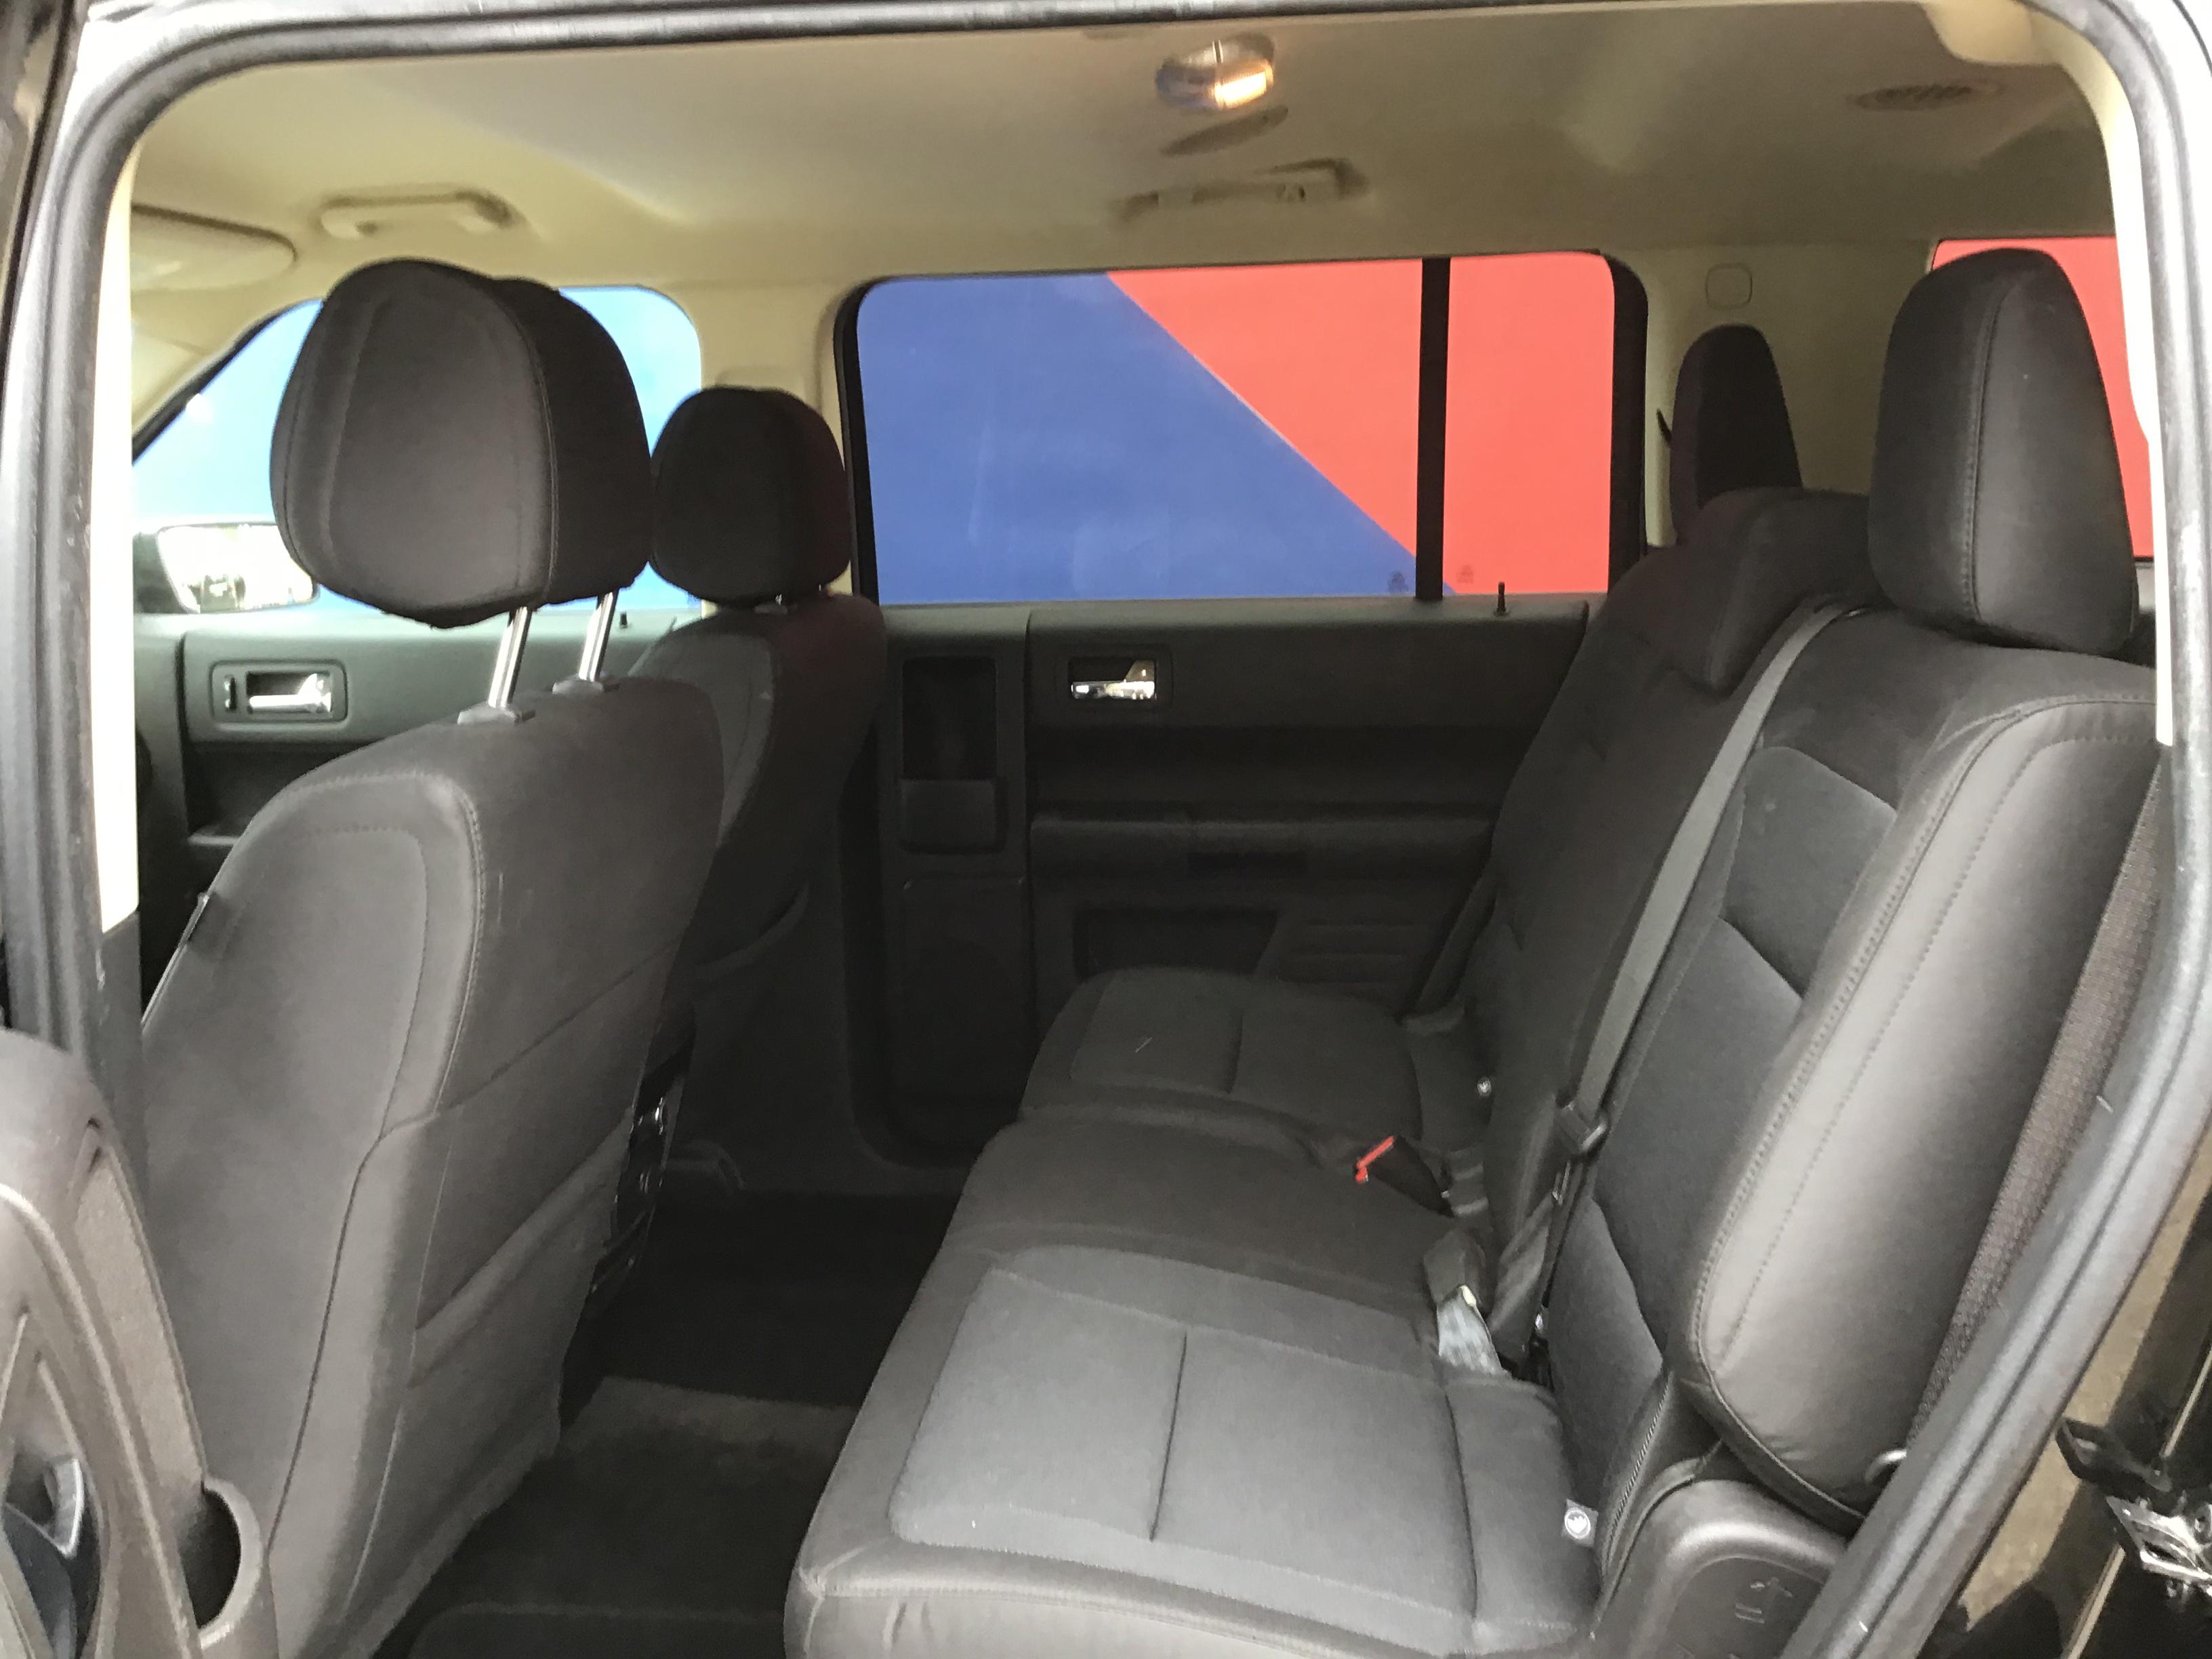 used vehicle - Sedan FORD FLEX 2013